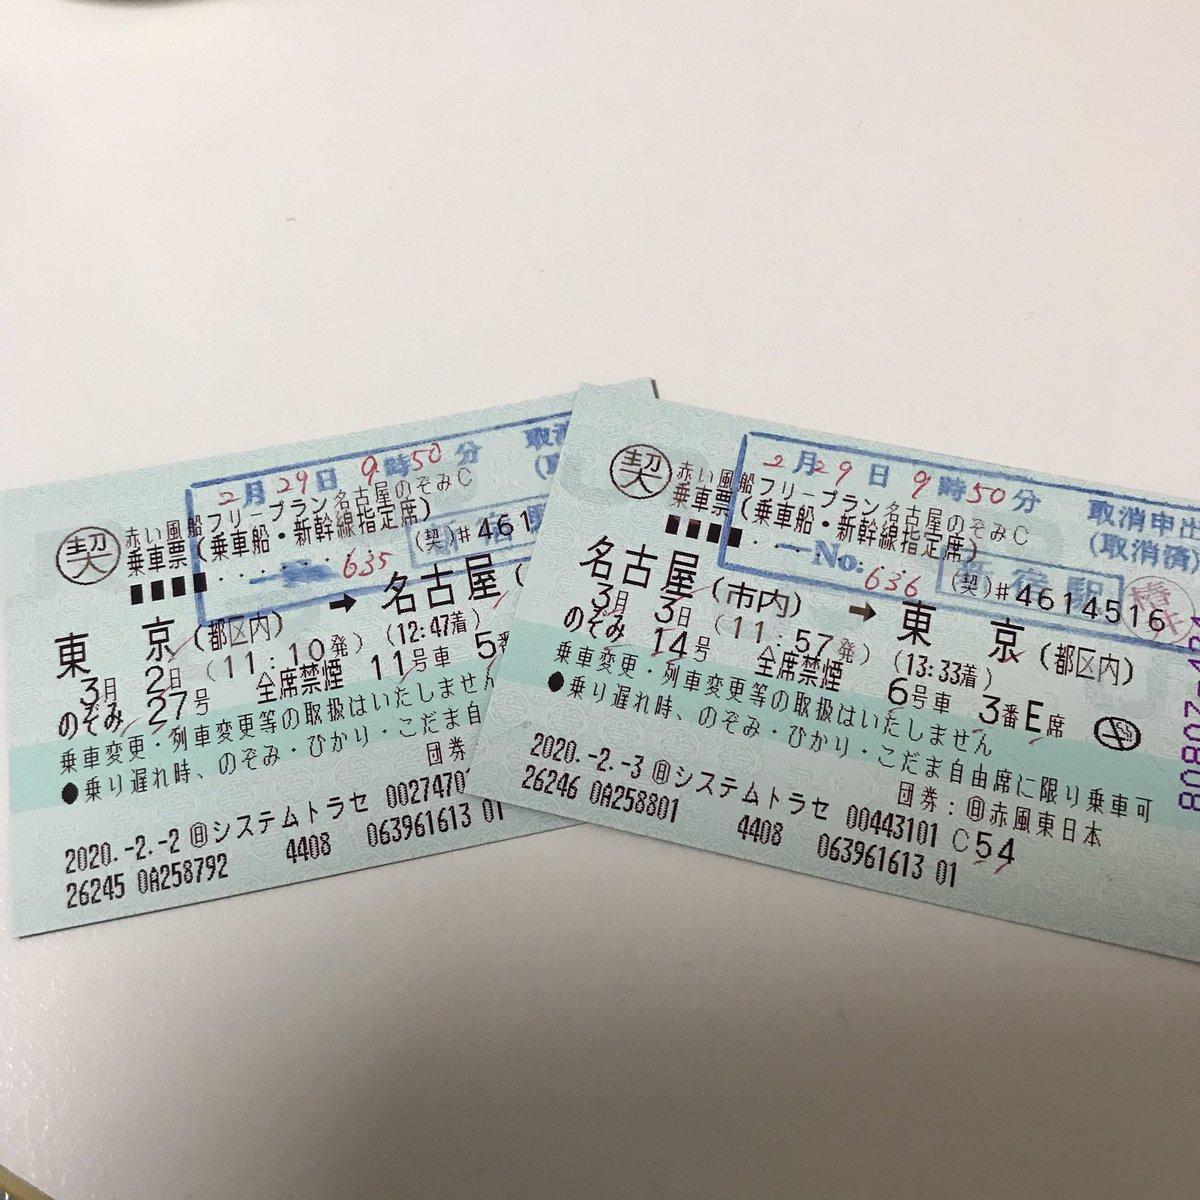 日本 旅行 キャンセル 料